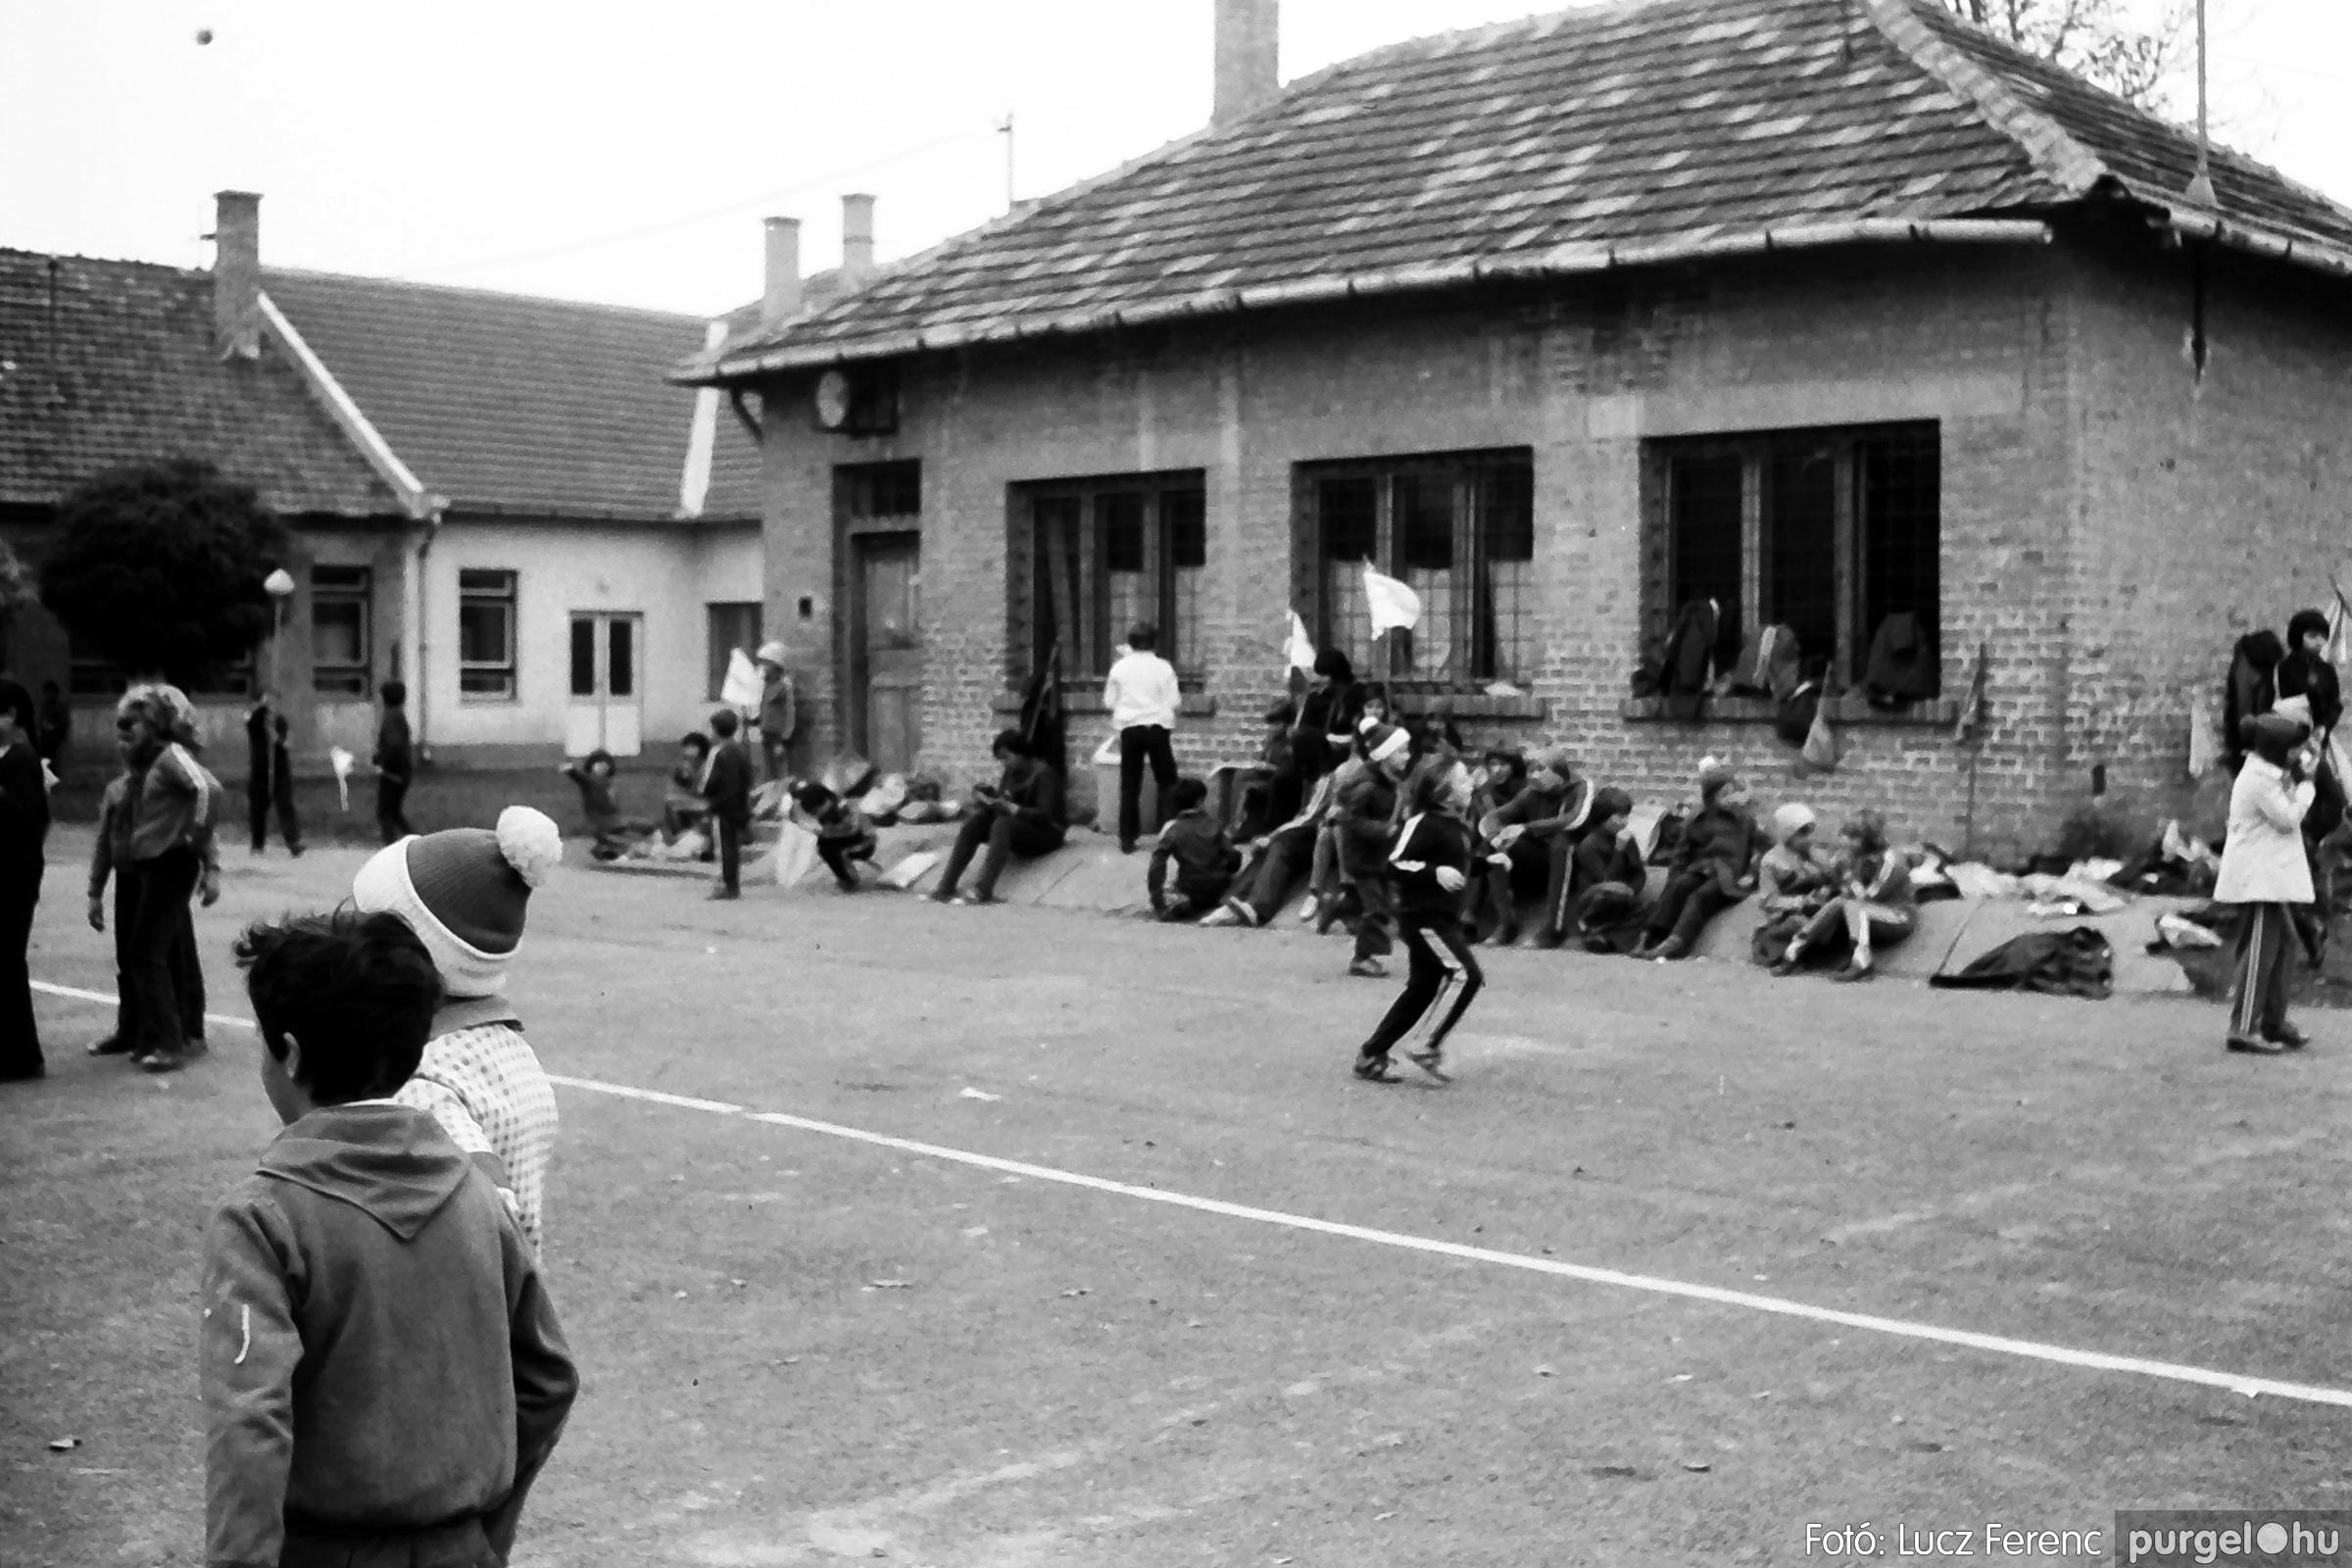 092. 1977. Úttörő rendezvény a Központi Általános Iskolában 008. - Fotó: Lucz Ferenc.jpg